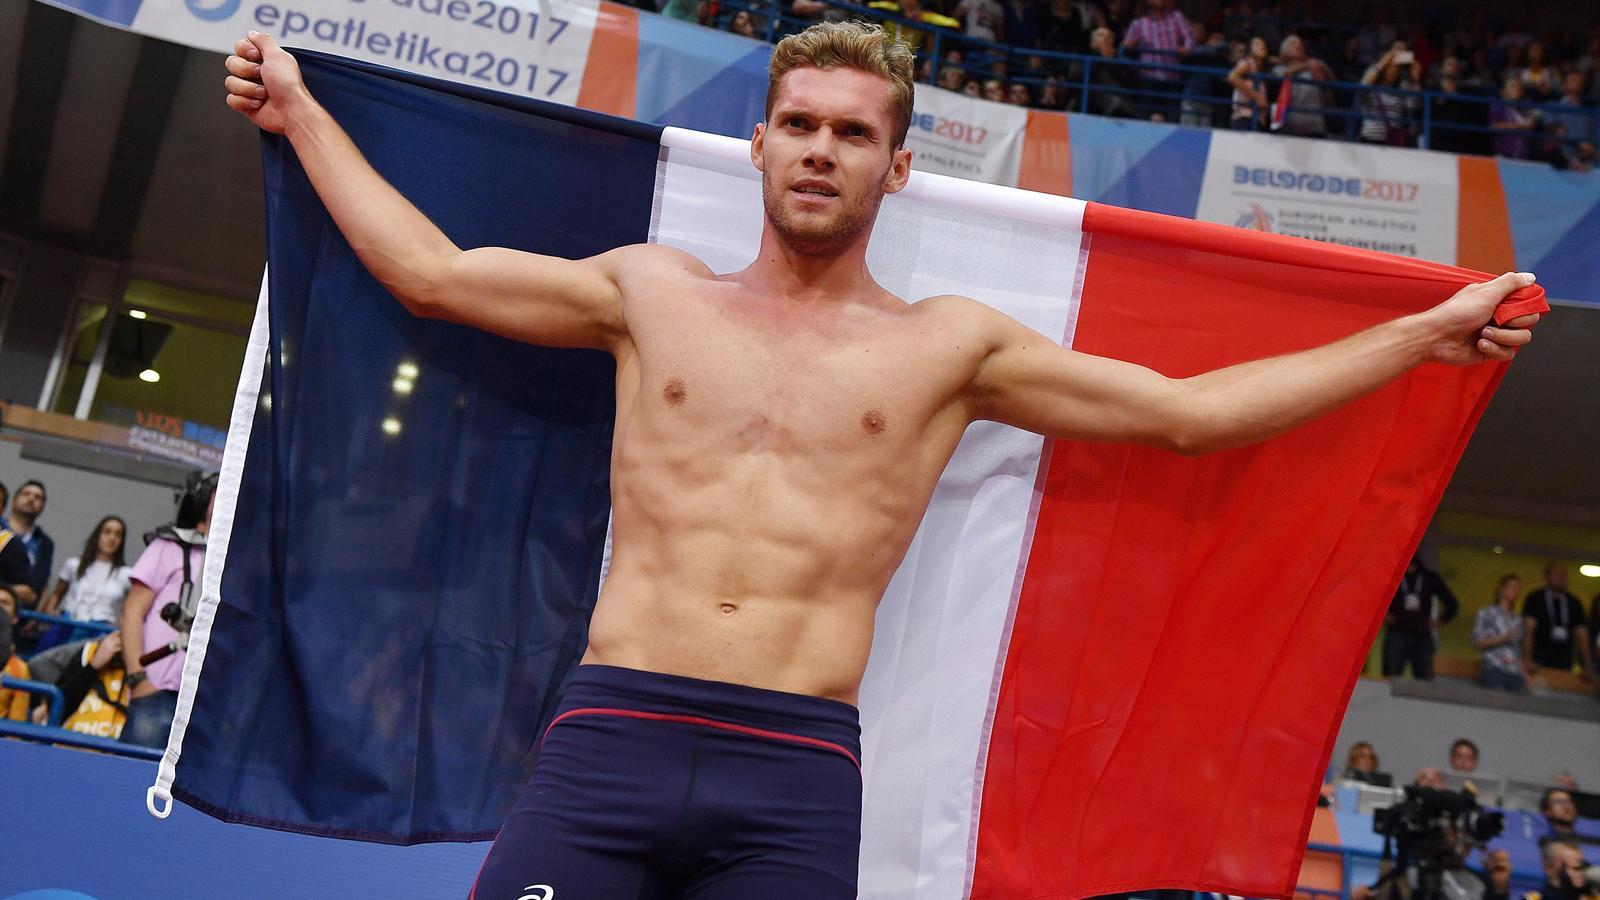 Médaille d'or et record d'Europe pour Kevin Mayer à l'heptathlon - Championnats d'Europe en ...